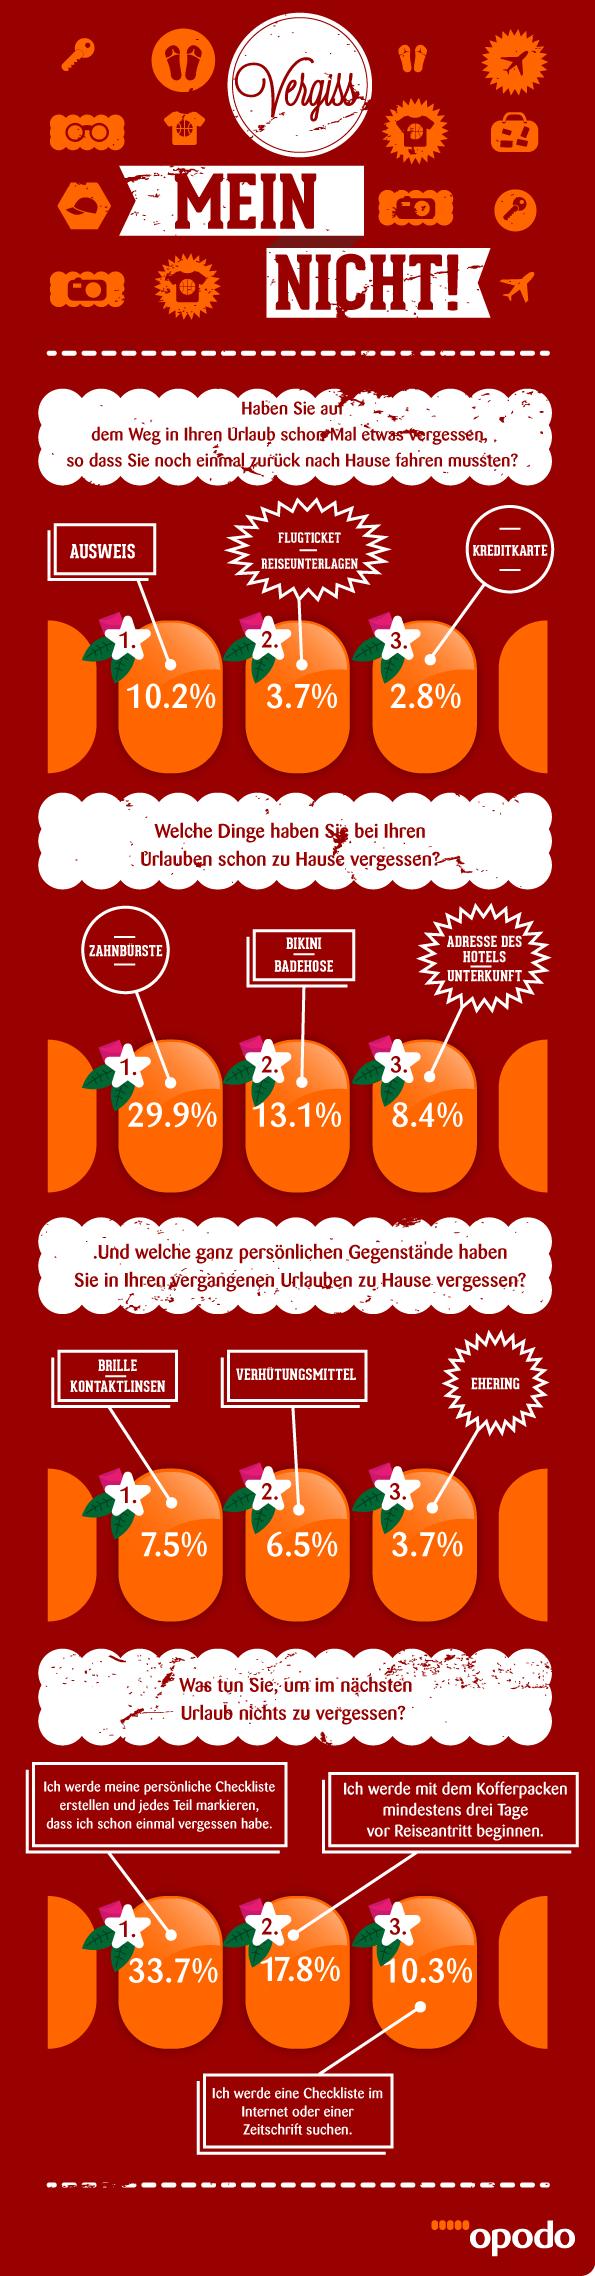 Opodo Infografik Kofferpacken